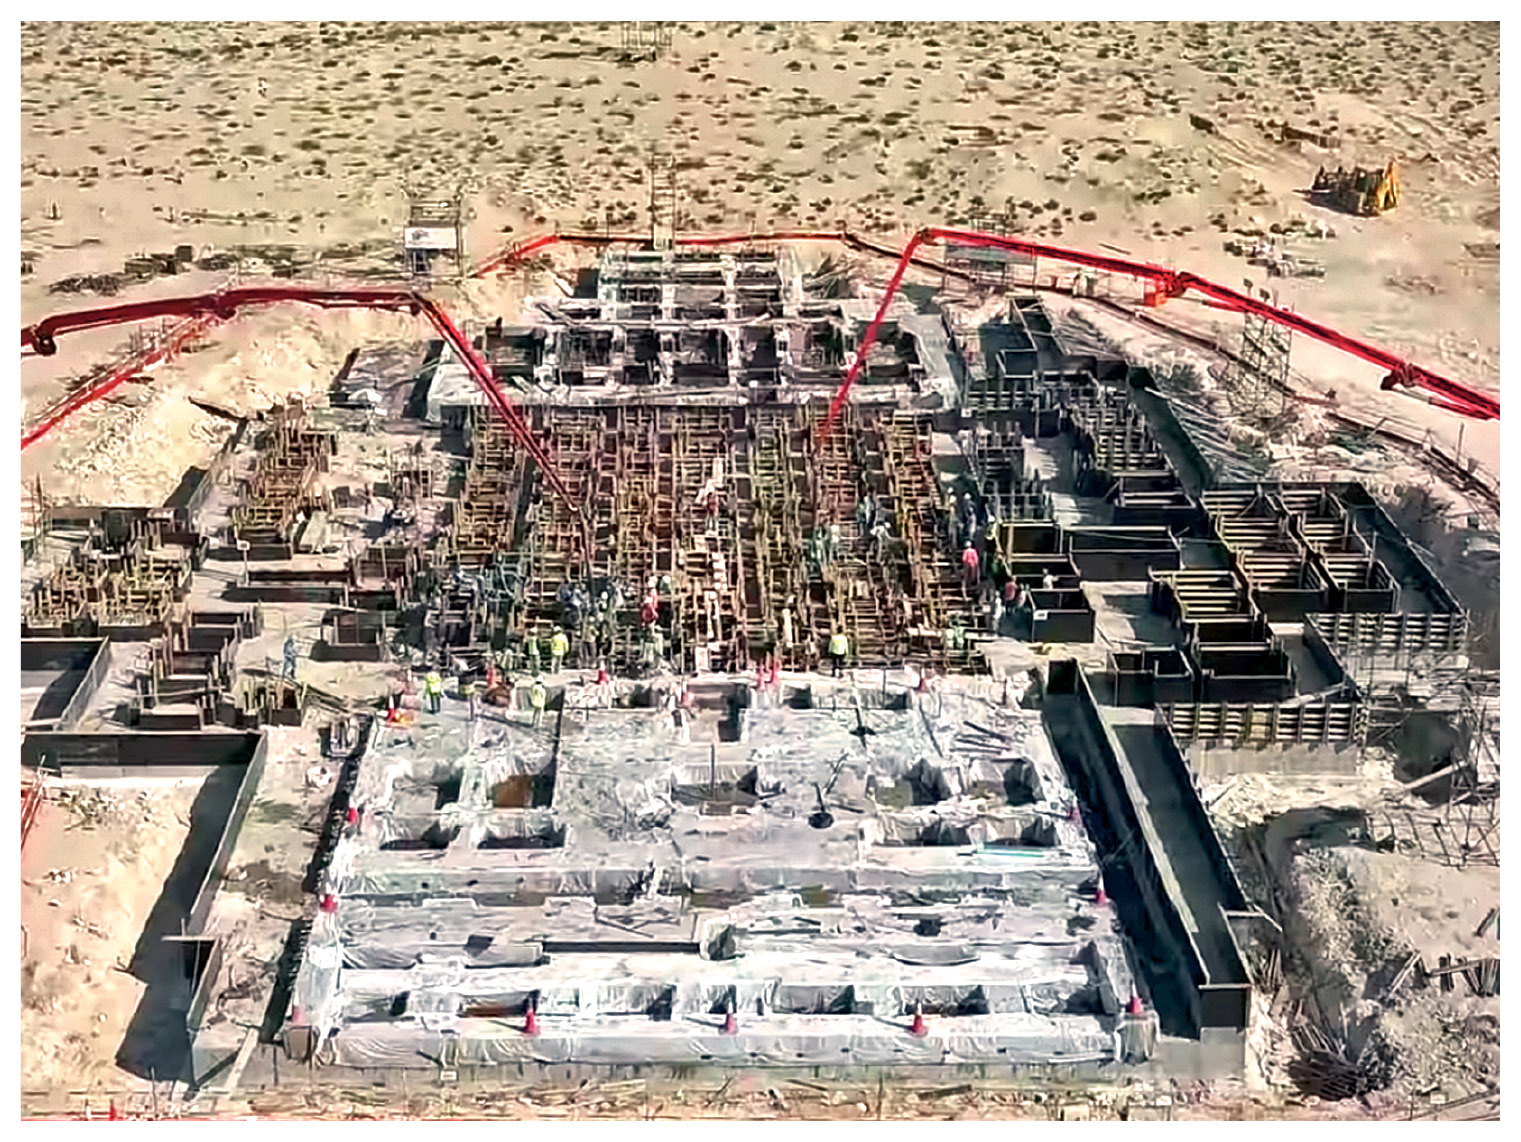 900 करोड़ रु. की लागत से 16.7 एकड़ में बन रहा मंदिर, 2023 तक बनकर तैयार होने की उम्मीद